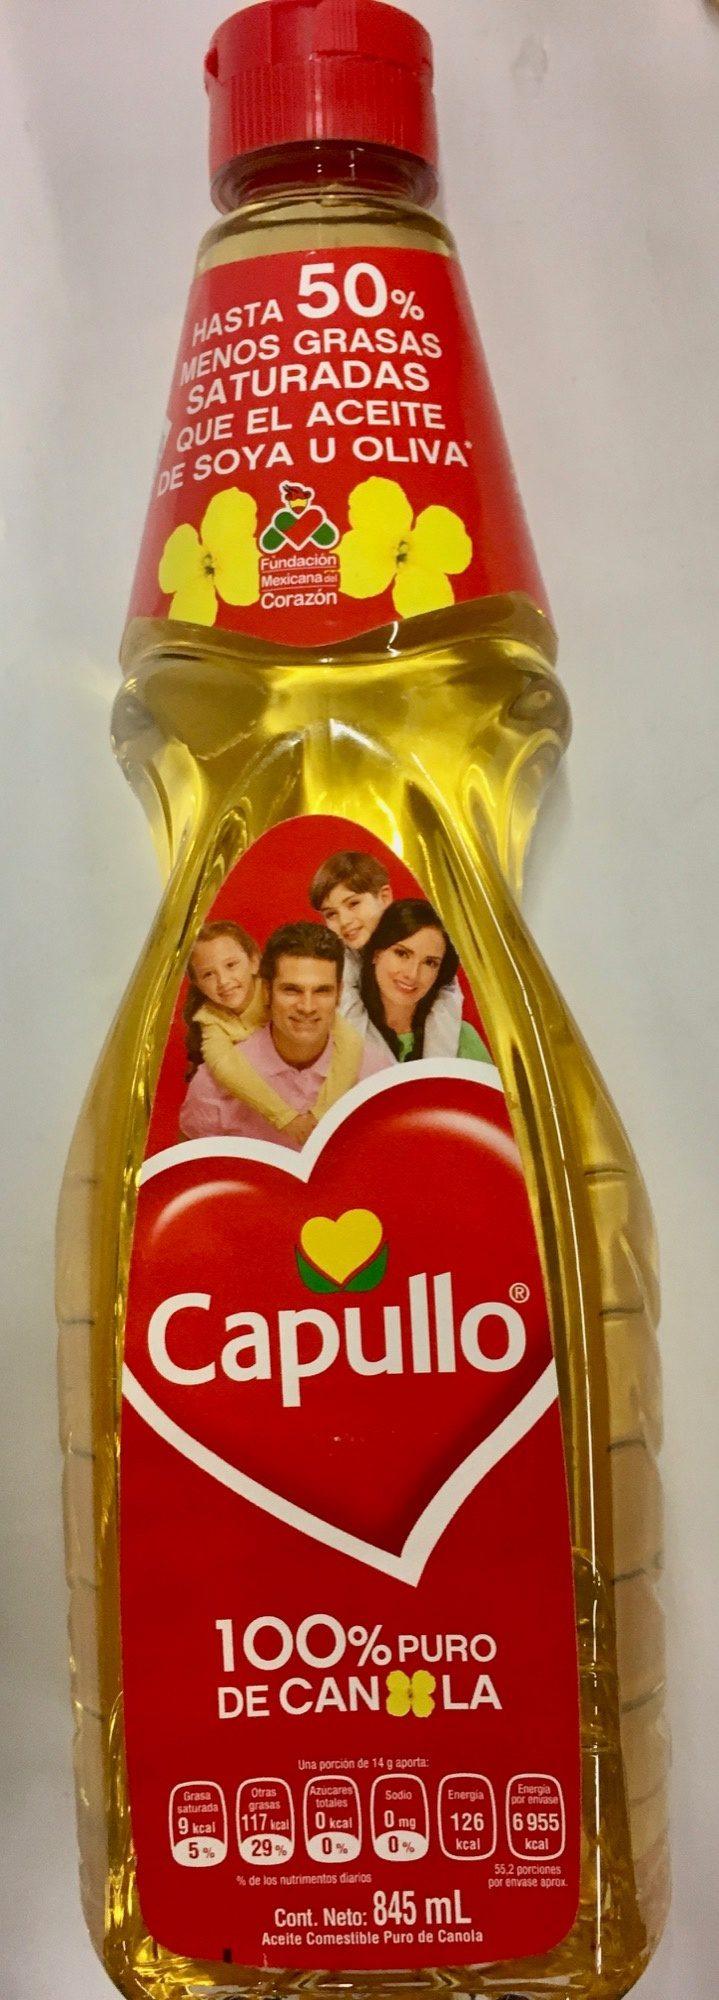 Aceite de canola Capullo - Producto - es